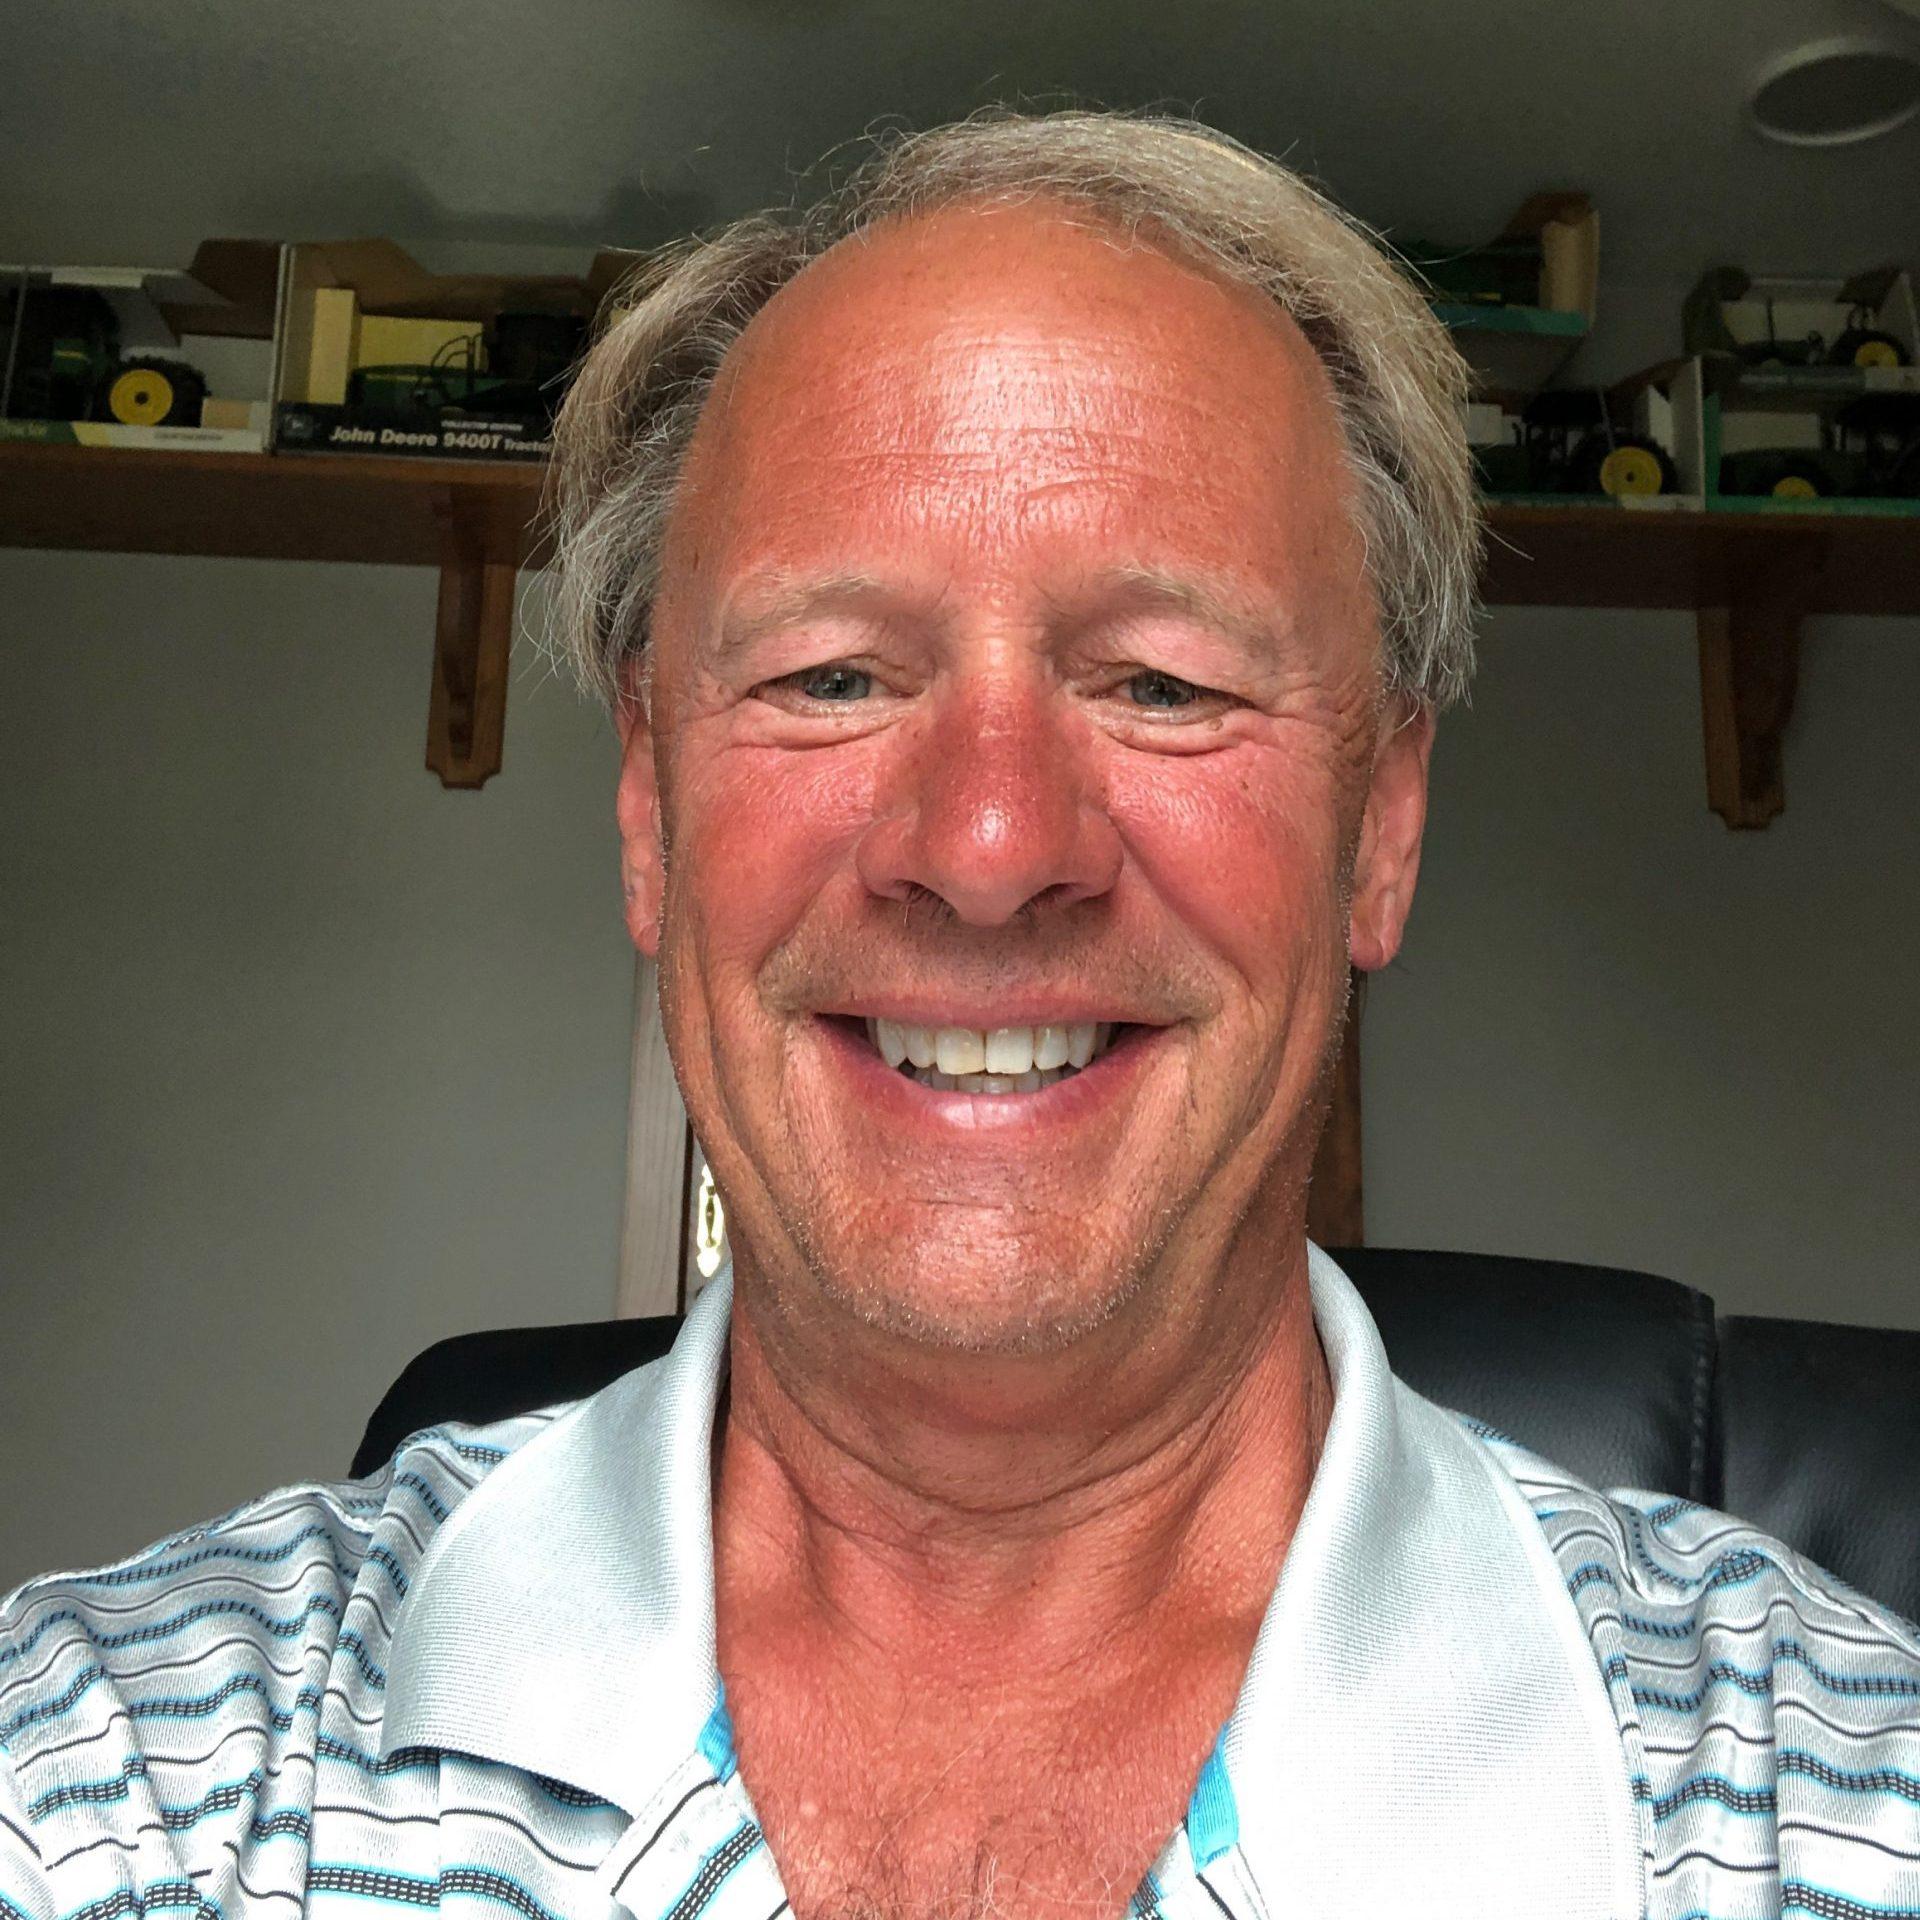 Council President Todd Schneeberger